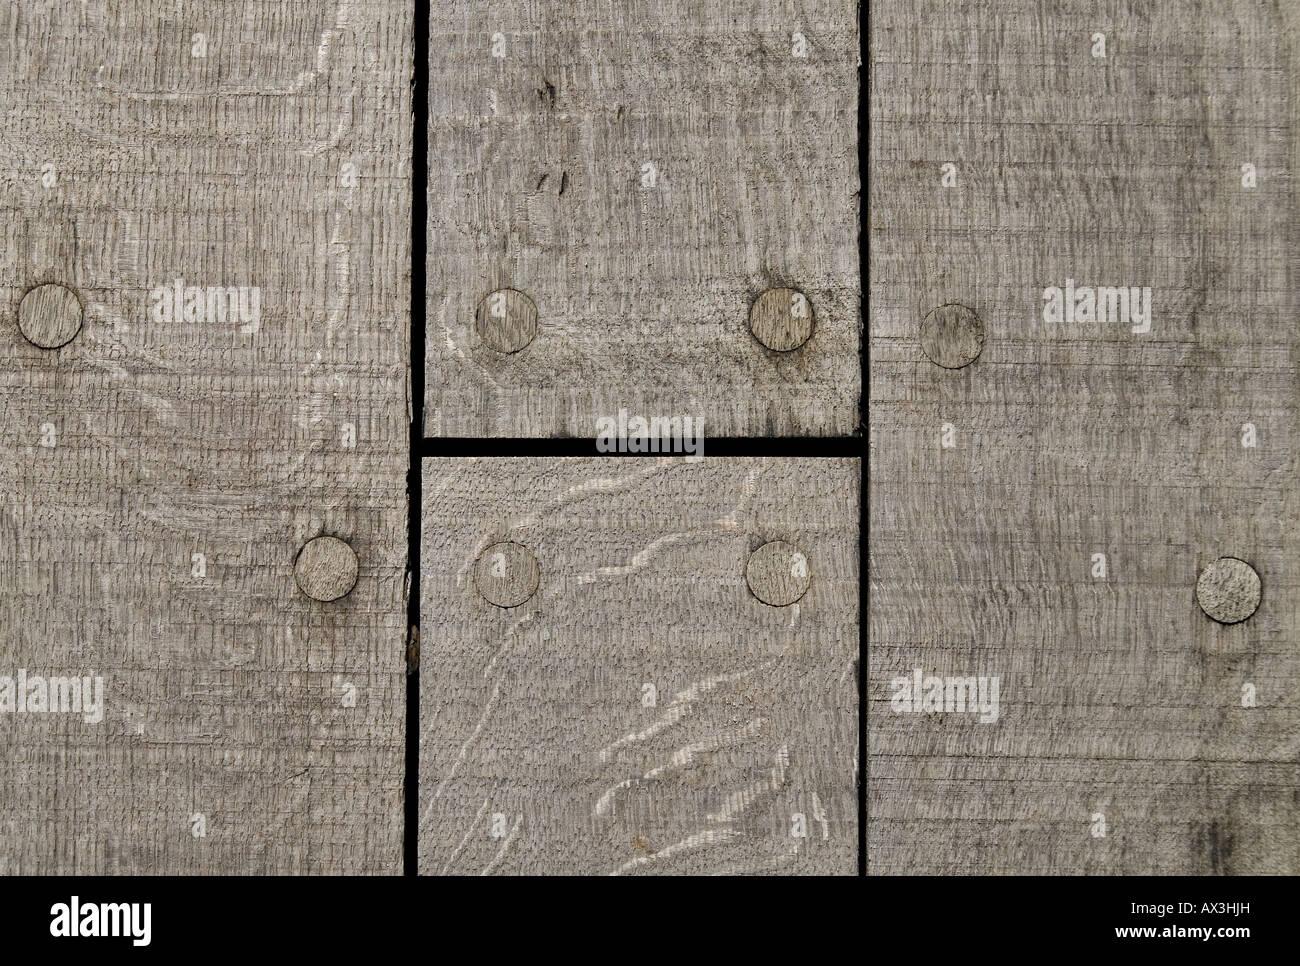 Dettaglio della passerella in legno di quercia per la nuova Playhouse. Copenhagen. Danimarca Immagini Stock